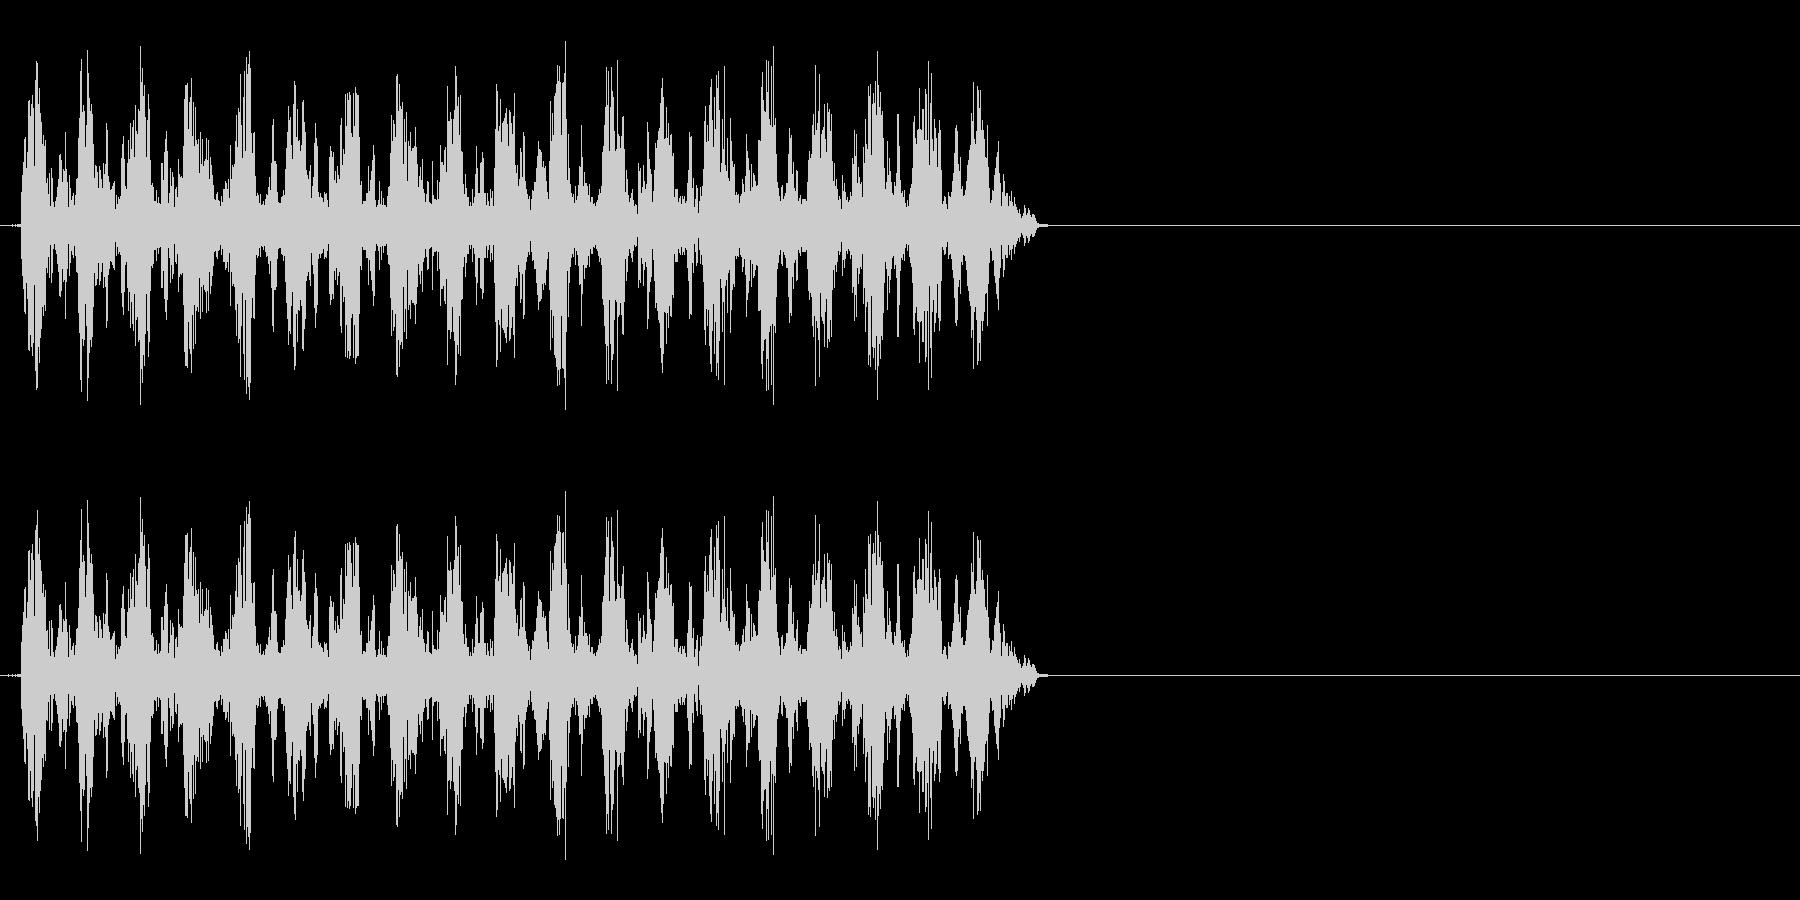 くるくるくるくる(回転、ダッシュ時など)の未再生の波形